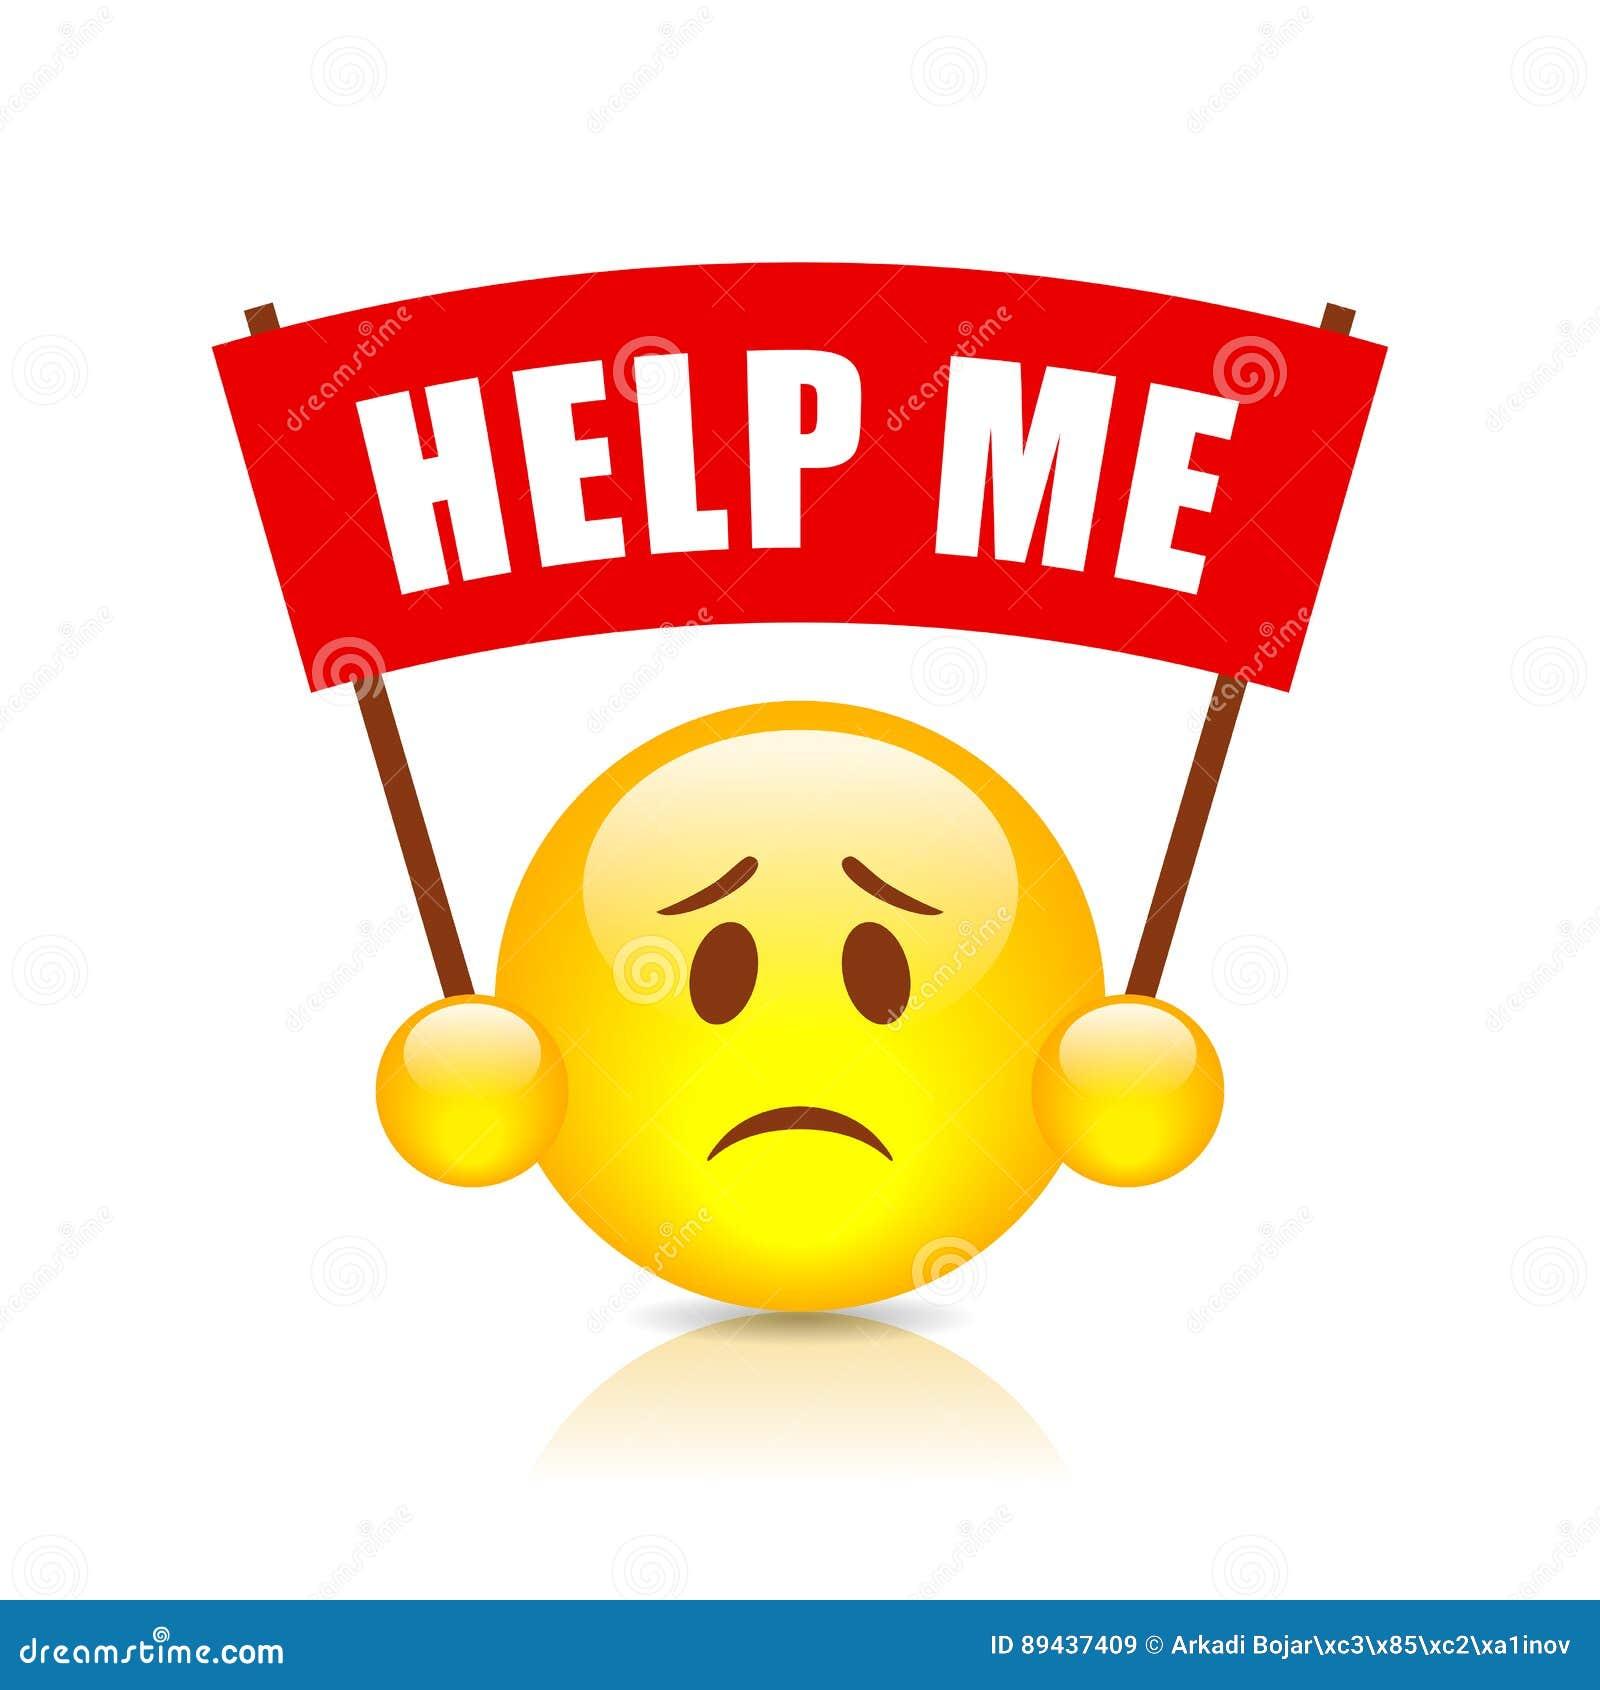 Personals help